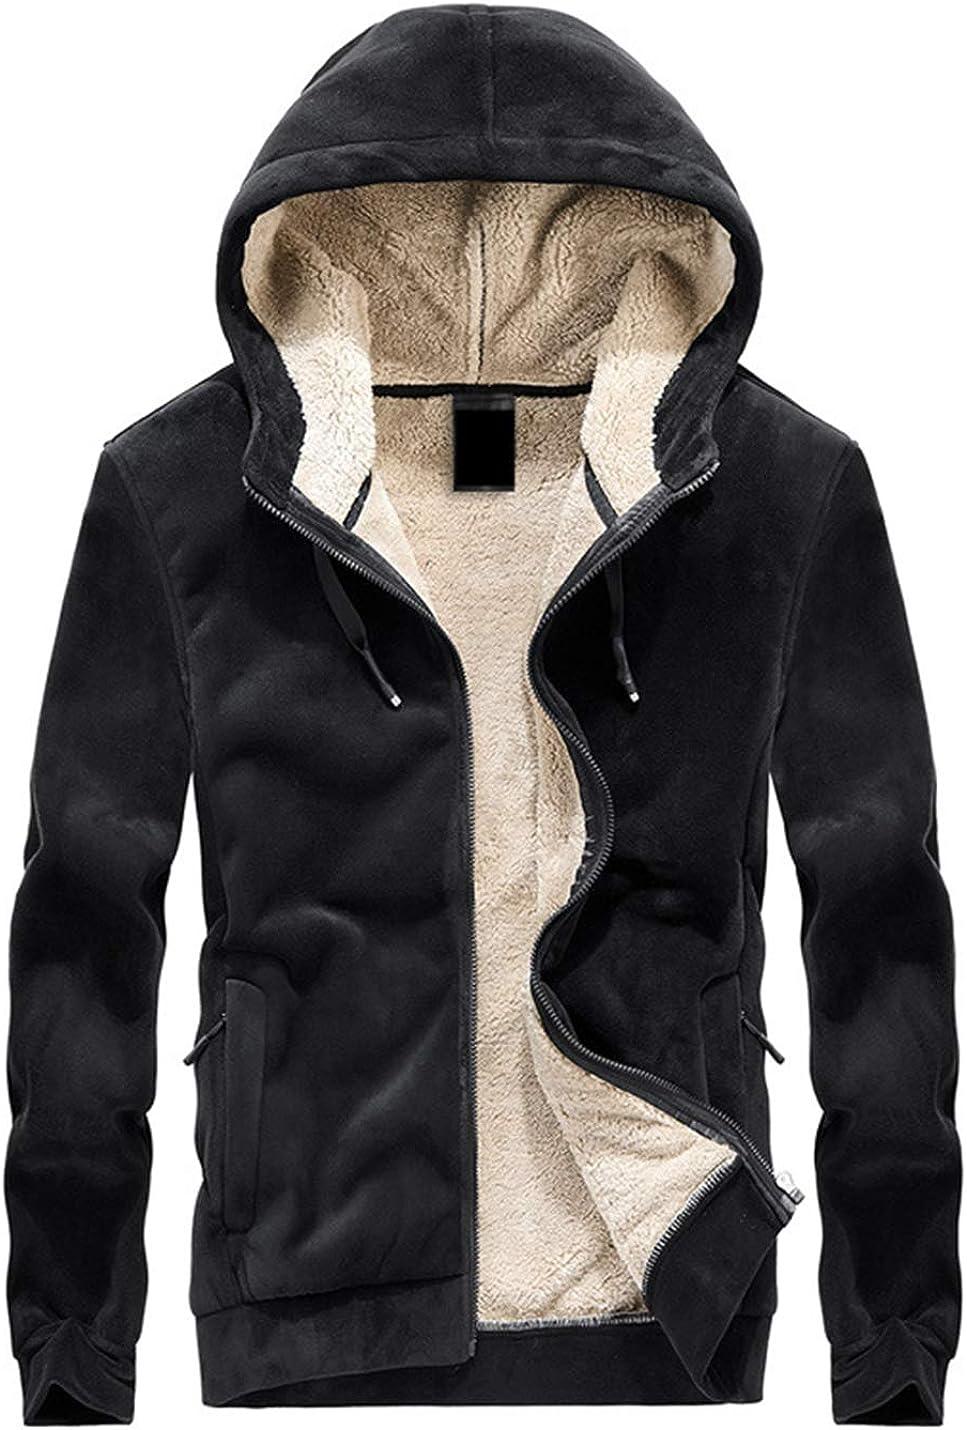 Lentta Men's Casual Fleece Sherpa Lined Thicken Hoodie Zipper Sweatshirt Jackets